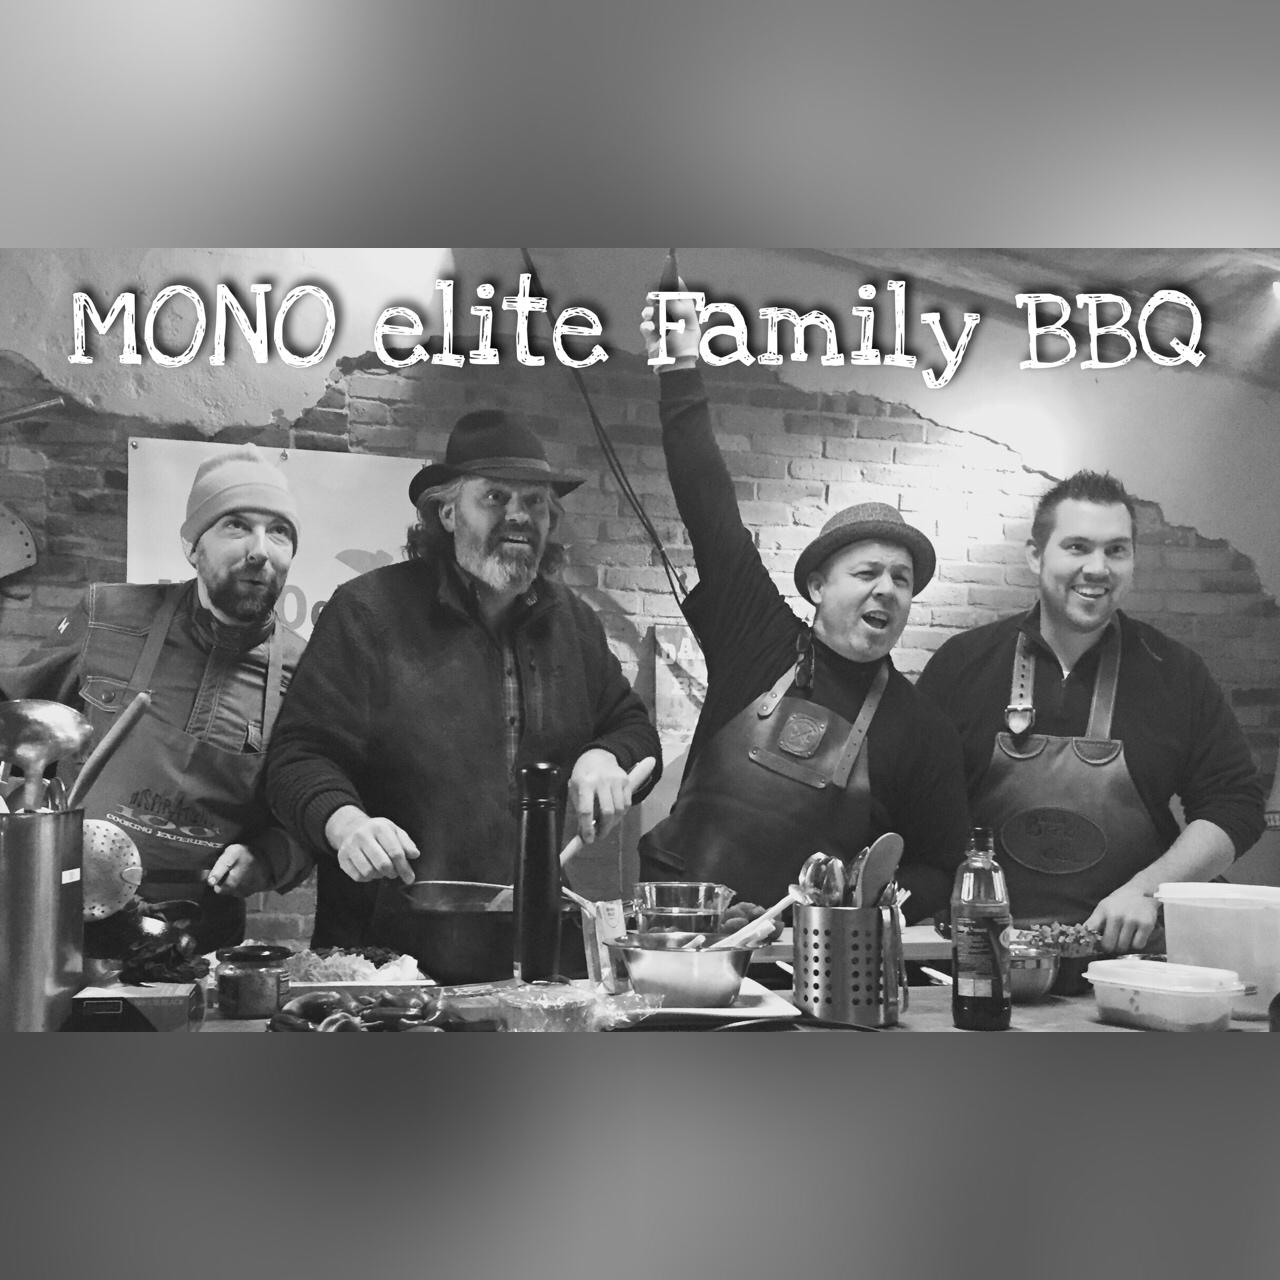 [:de]BBQ Smoken und viel Spaß Monoelite[:]